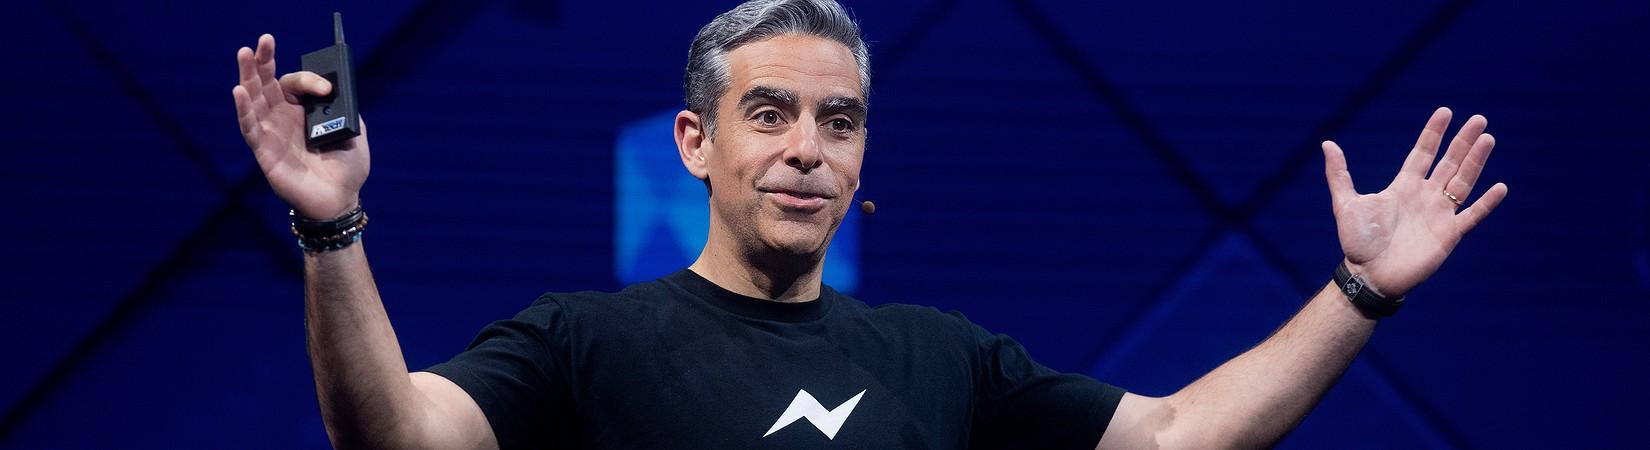 Messenger va a convertirse en la principal fuente de ingresos de Facebook